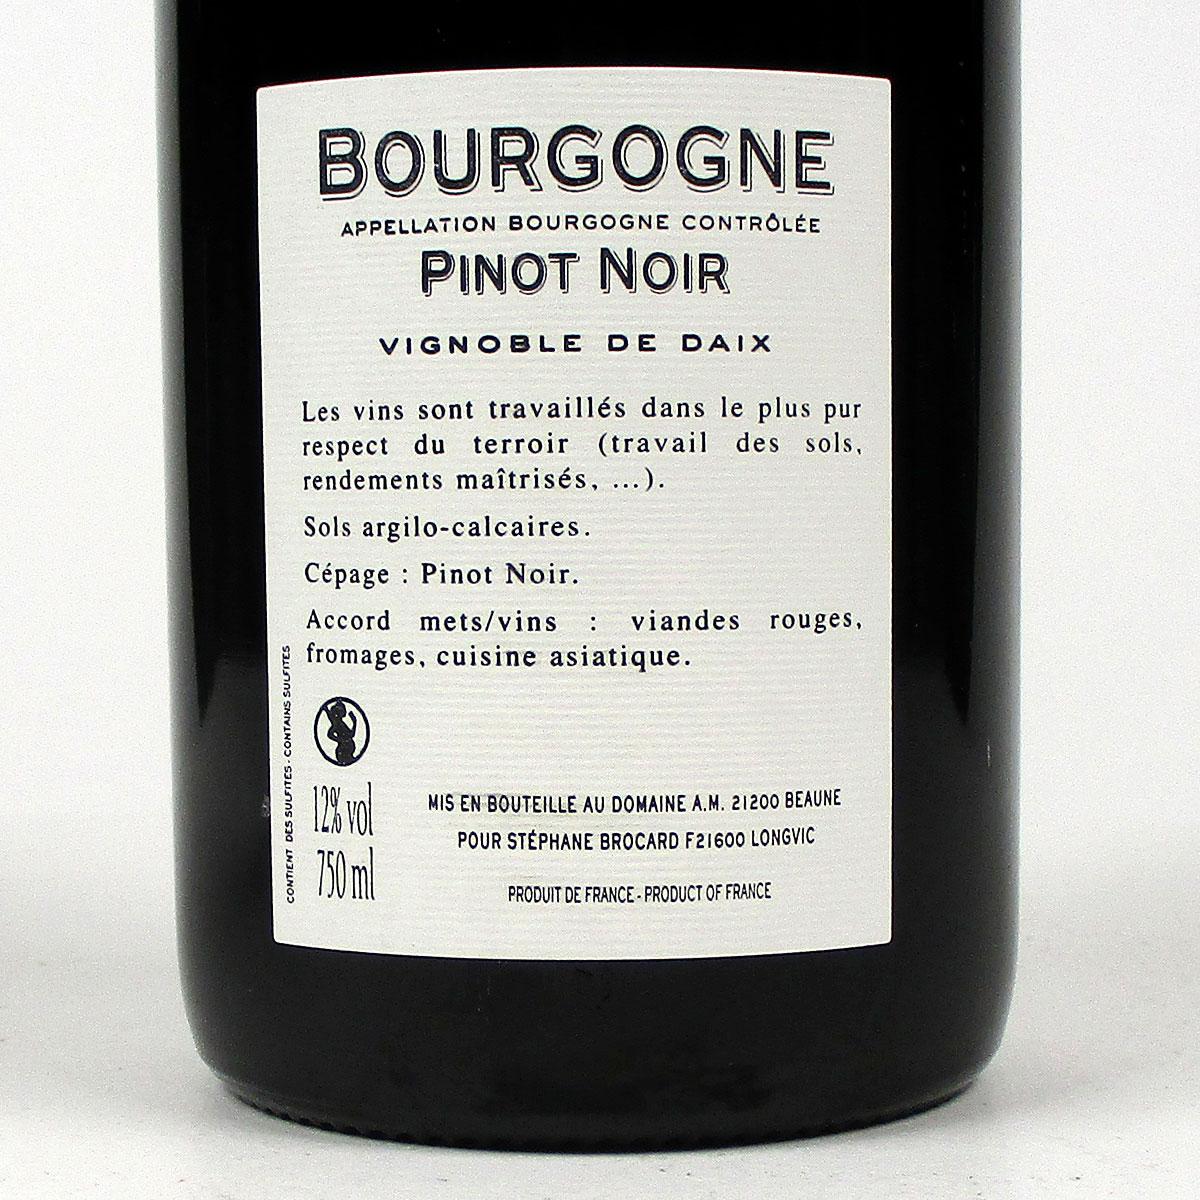 Bourgogne Pinot Noir: Closerie des Alisiers 2018 - Bottle Rear Label